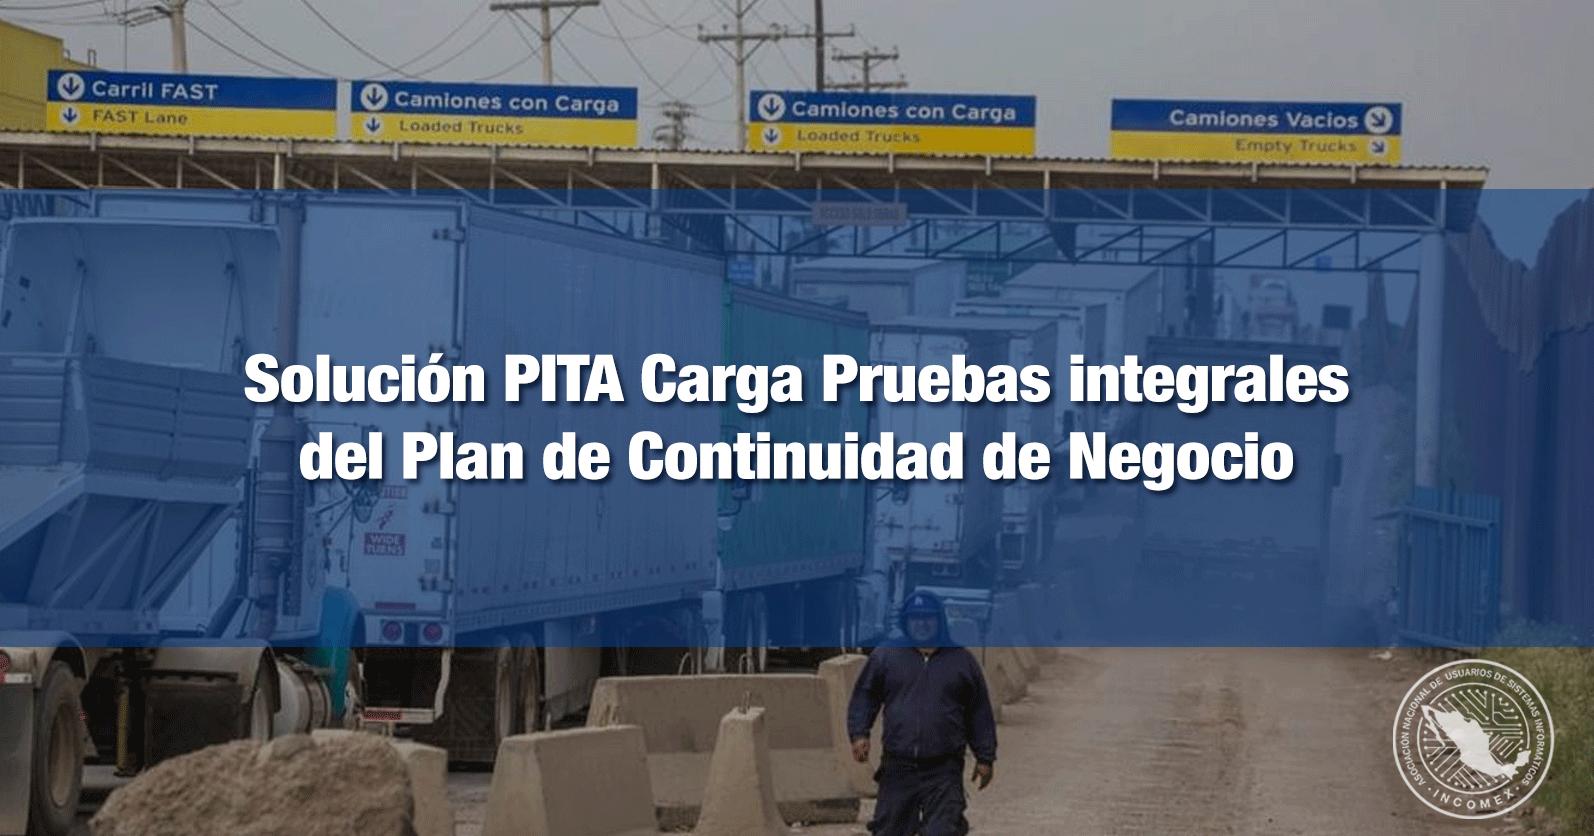 Solución PITA Carga Pruebas integrales del Plan de Continuidad de Negocio